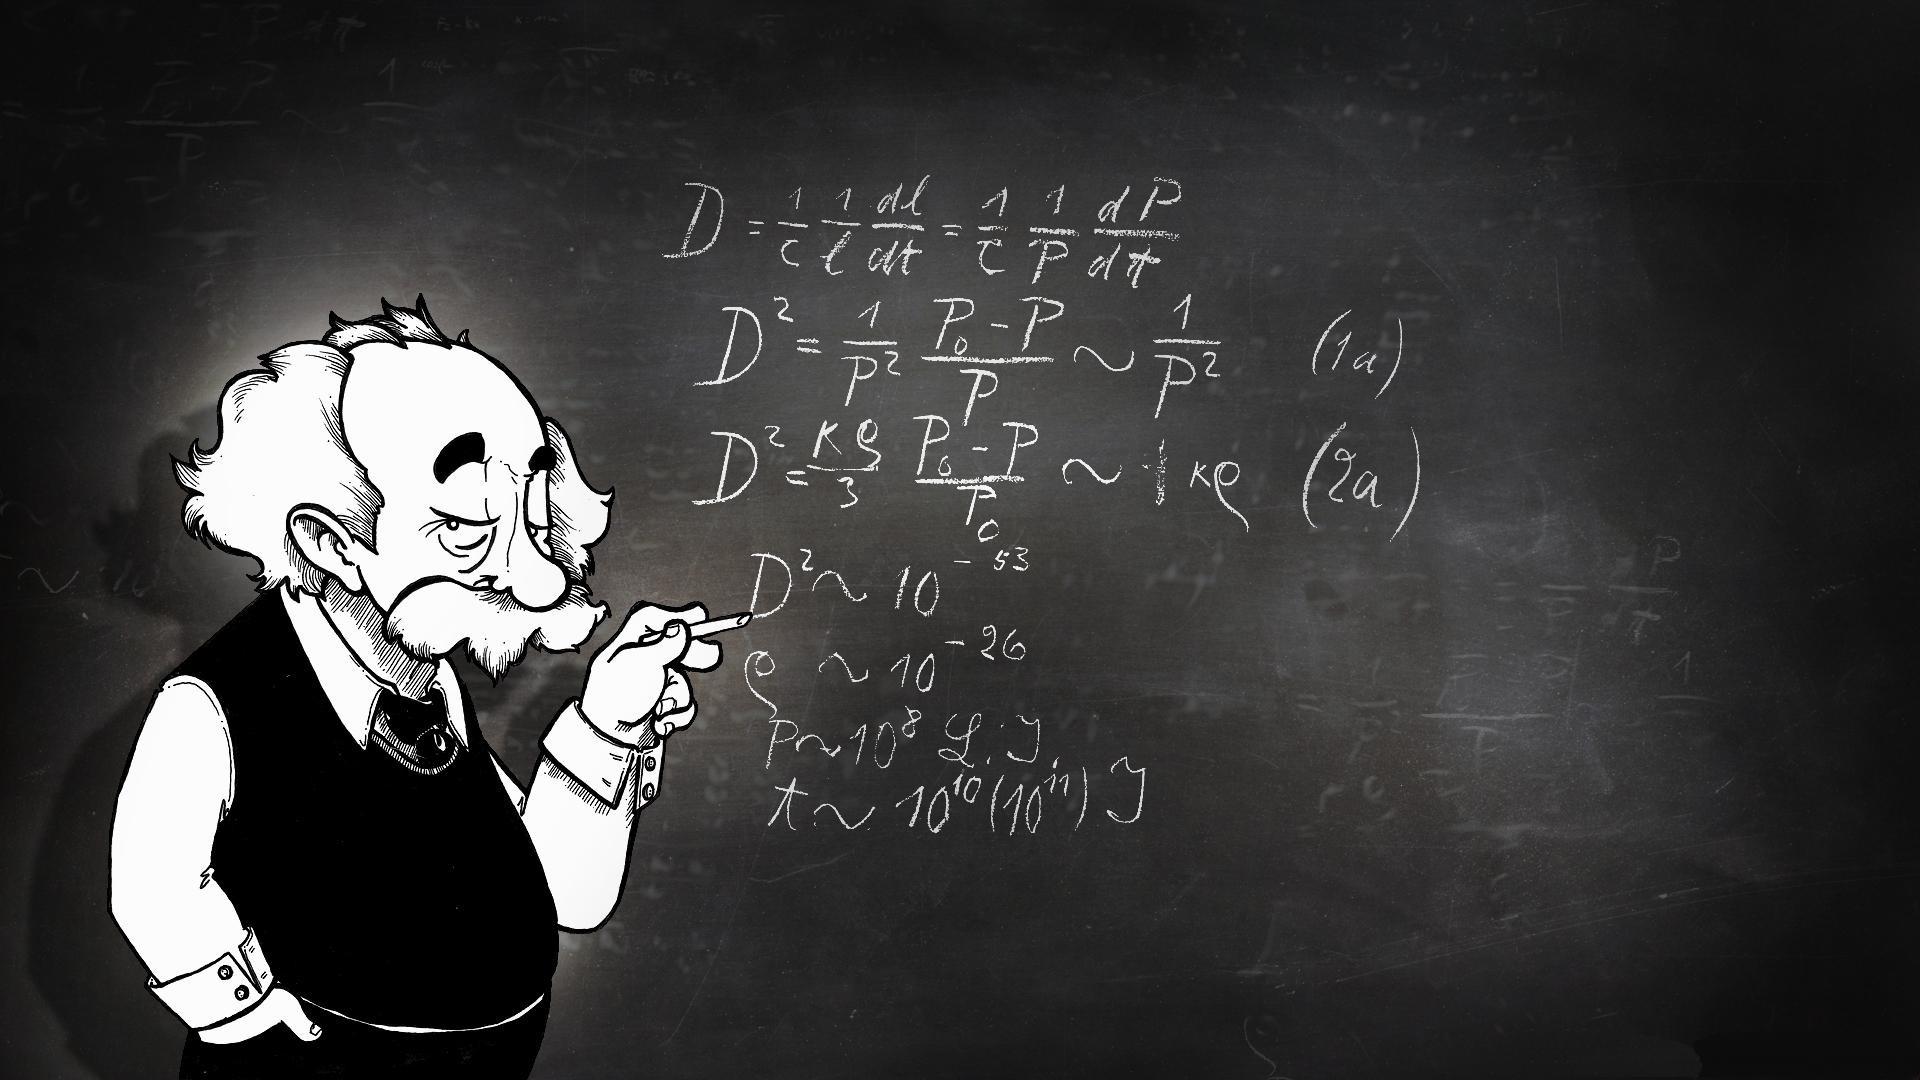 wallpaper.wiki-Download-Free-Albert-Einstein-Wallpaper-PIC-